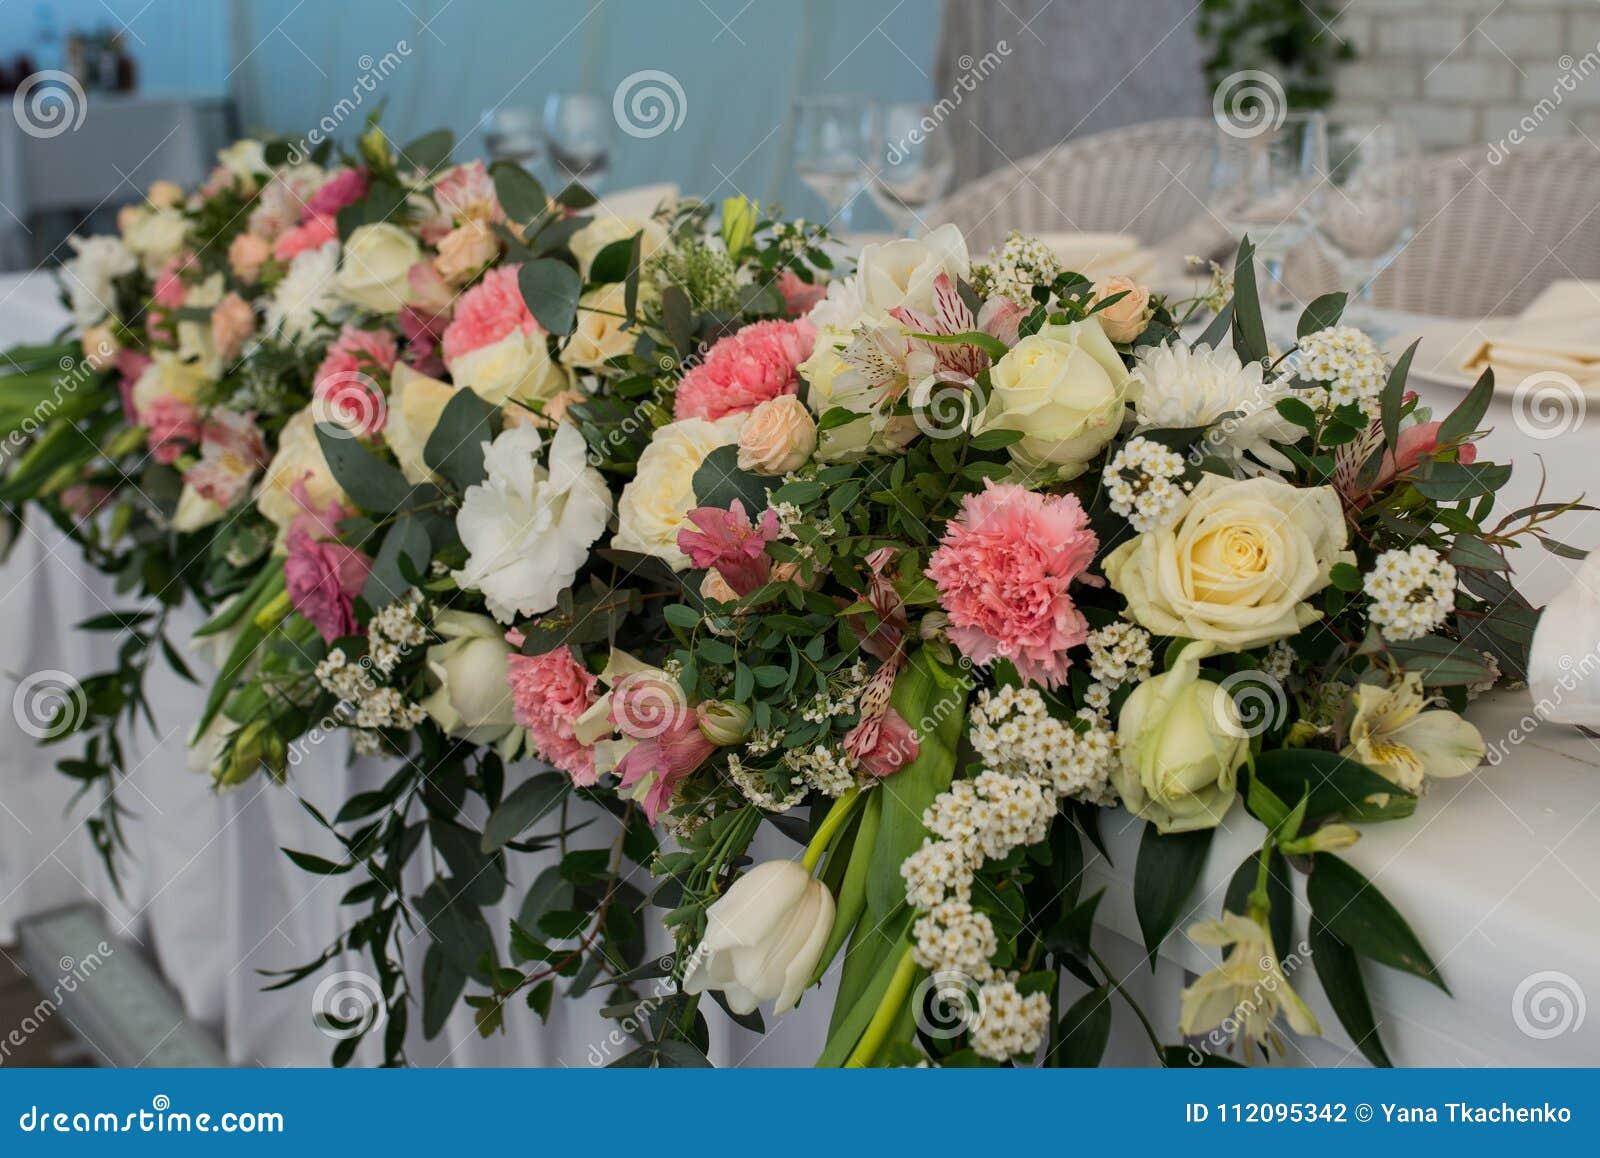 Ha Fiori Bianchi E Rosa.Disposizione Dei Fiori Rustica Con I Fiori Bianchi E Rosa Ad Un